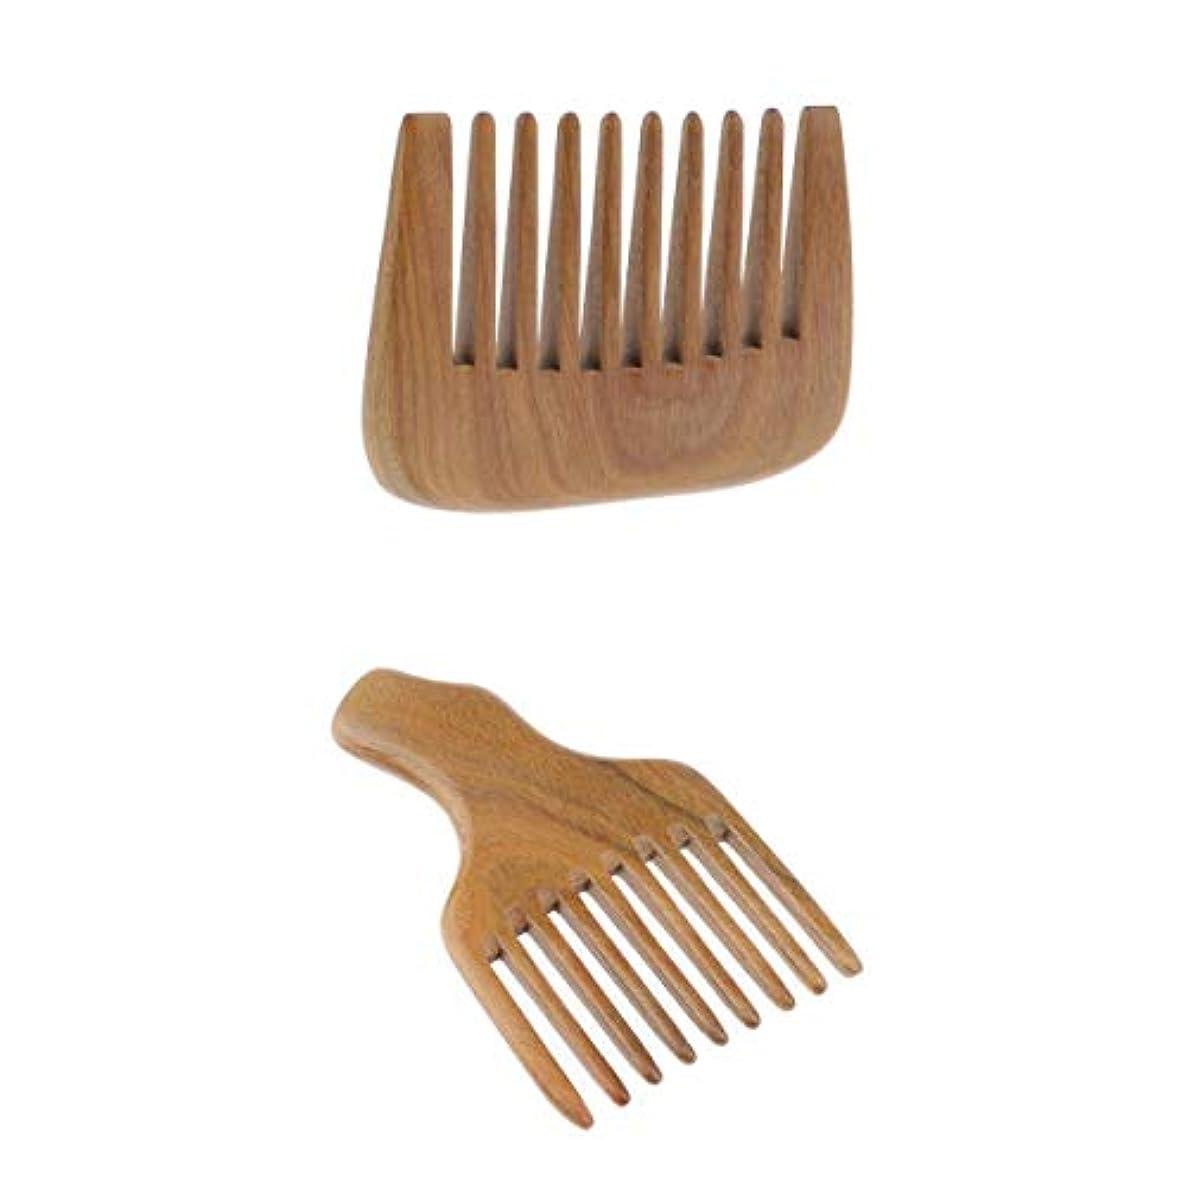 シエスタペースサンプル2個 ウッドコーム 歯櫛 ヘアブラシ アンチスタティック グリーン サンダルウッド 木製櫛 静電防止